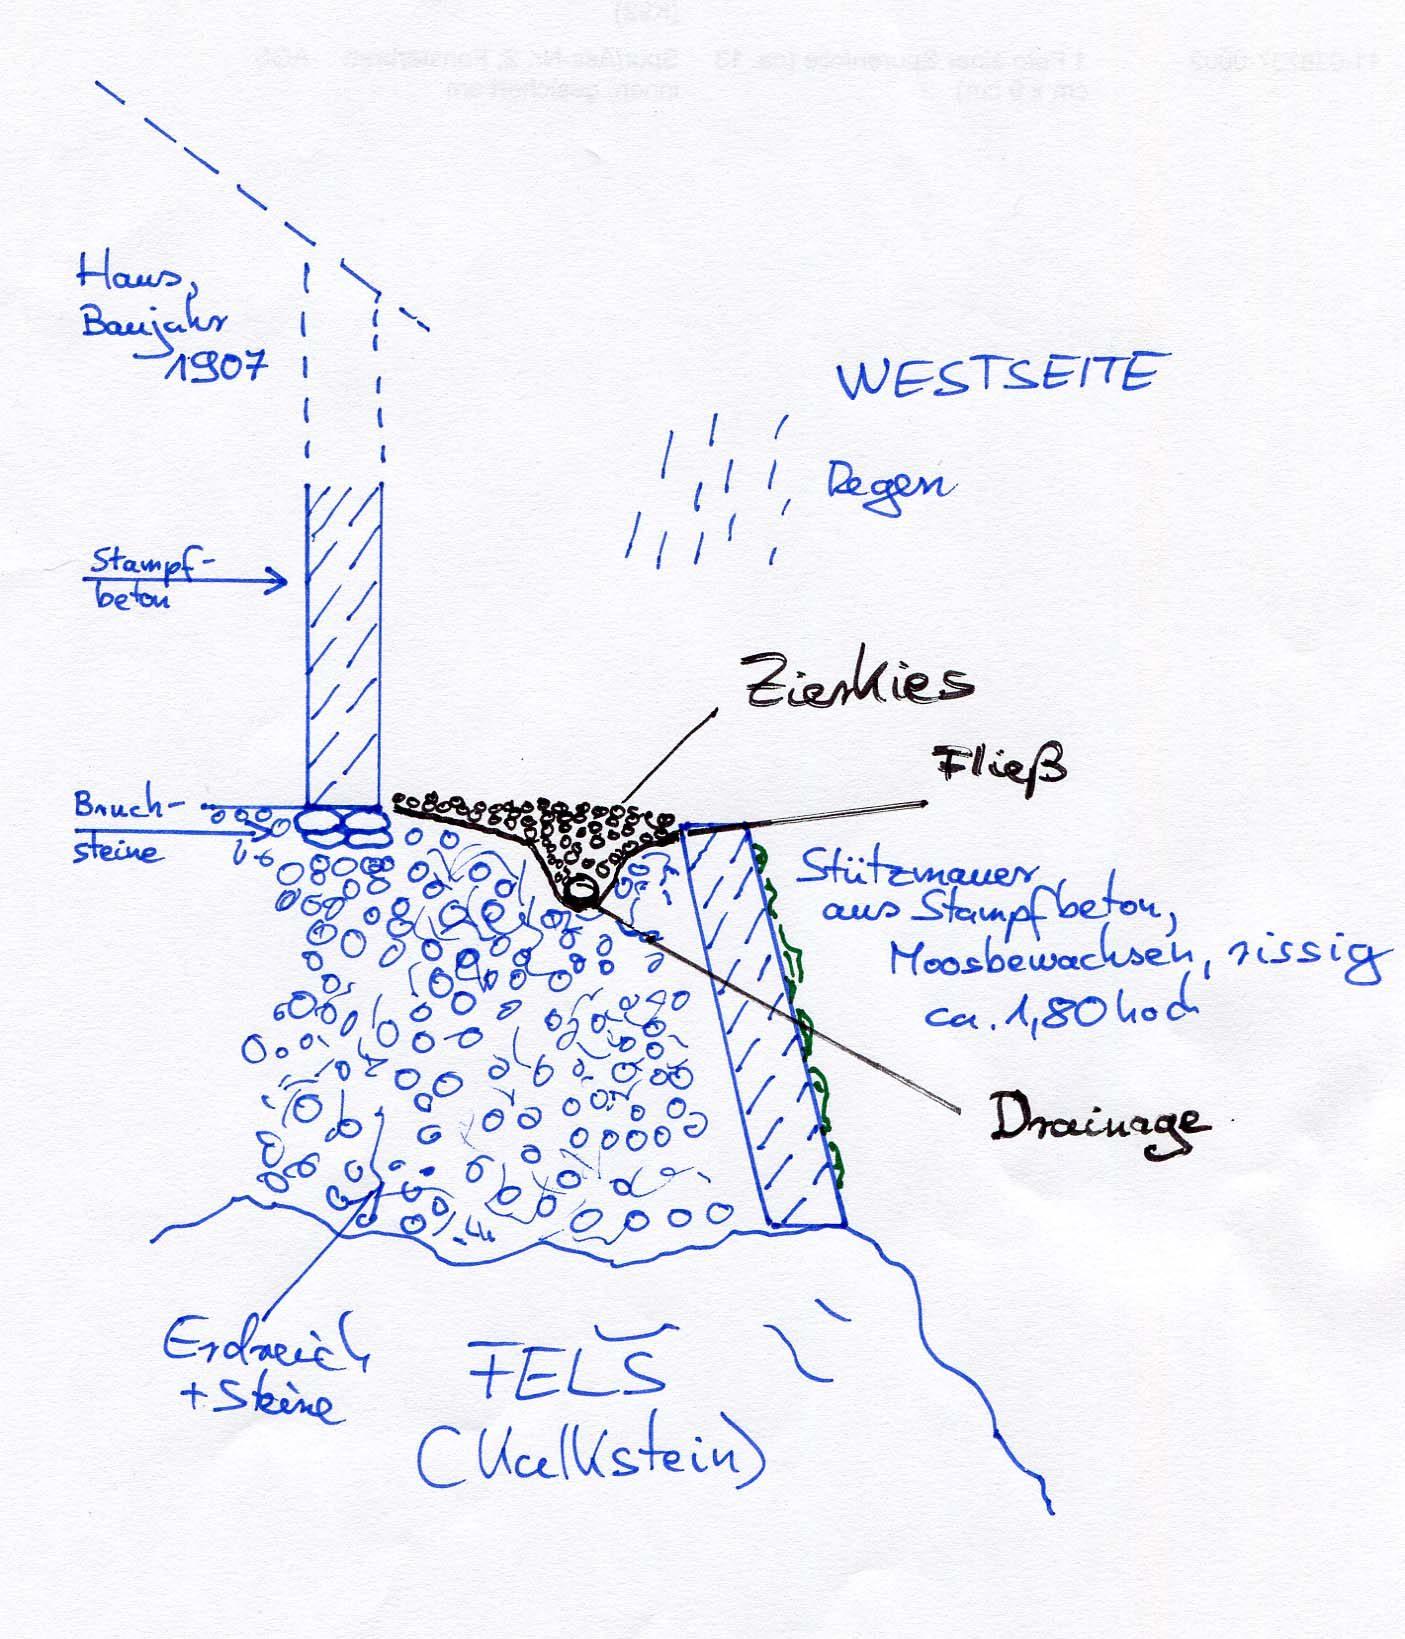 Brandneu Stützmauer von außen sanieren - Drainage verlegen TM52